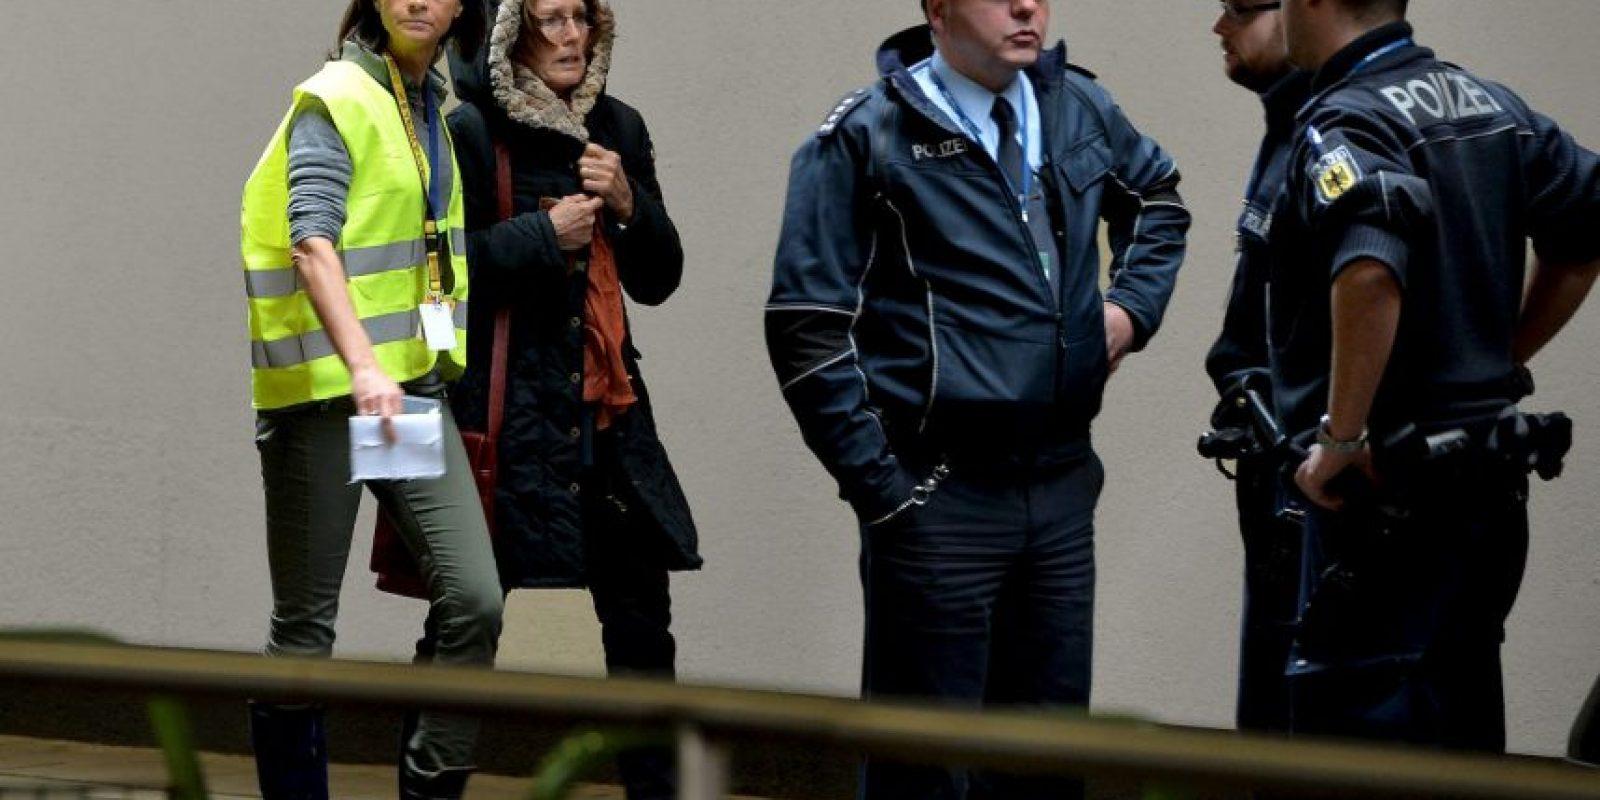 Familiares conmocionados tras la noticia Foto:Getty Images